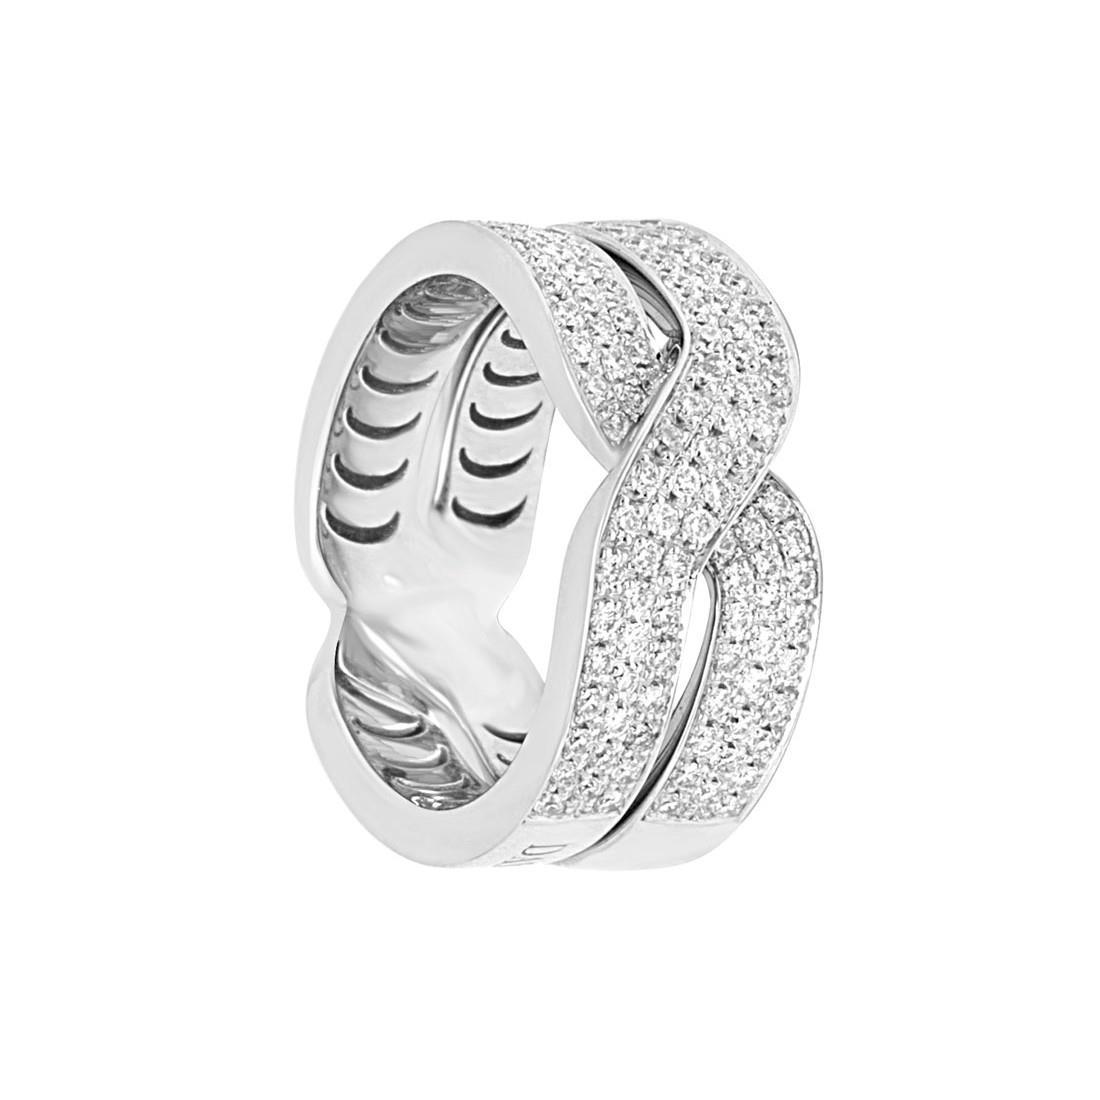 Anello con diamanti - DAMIANI